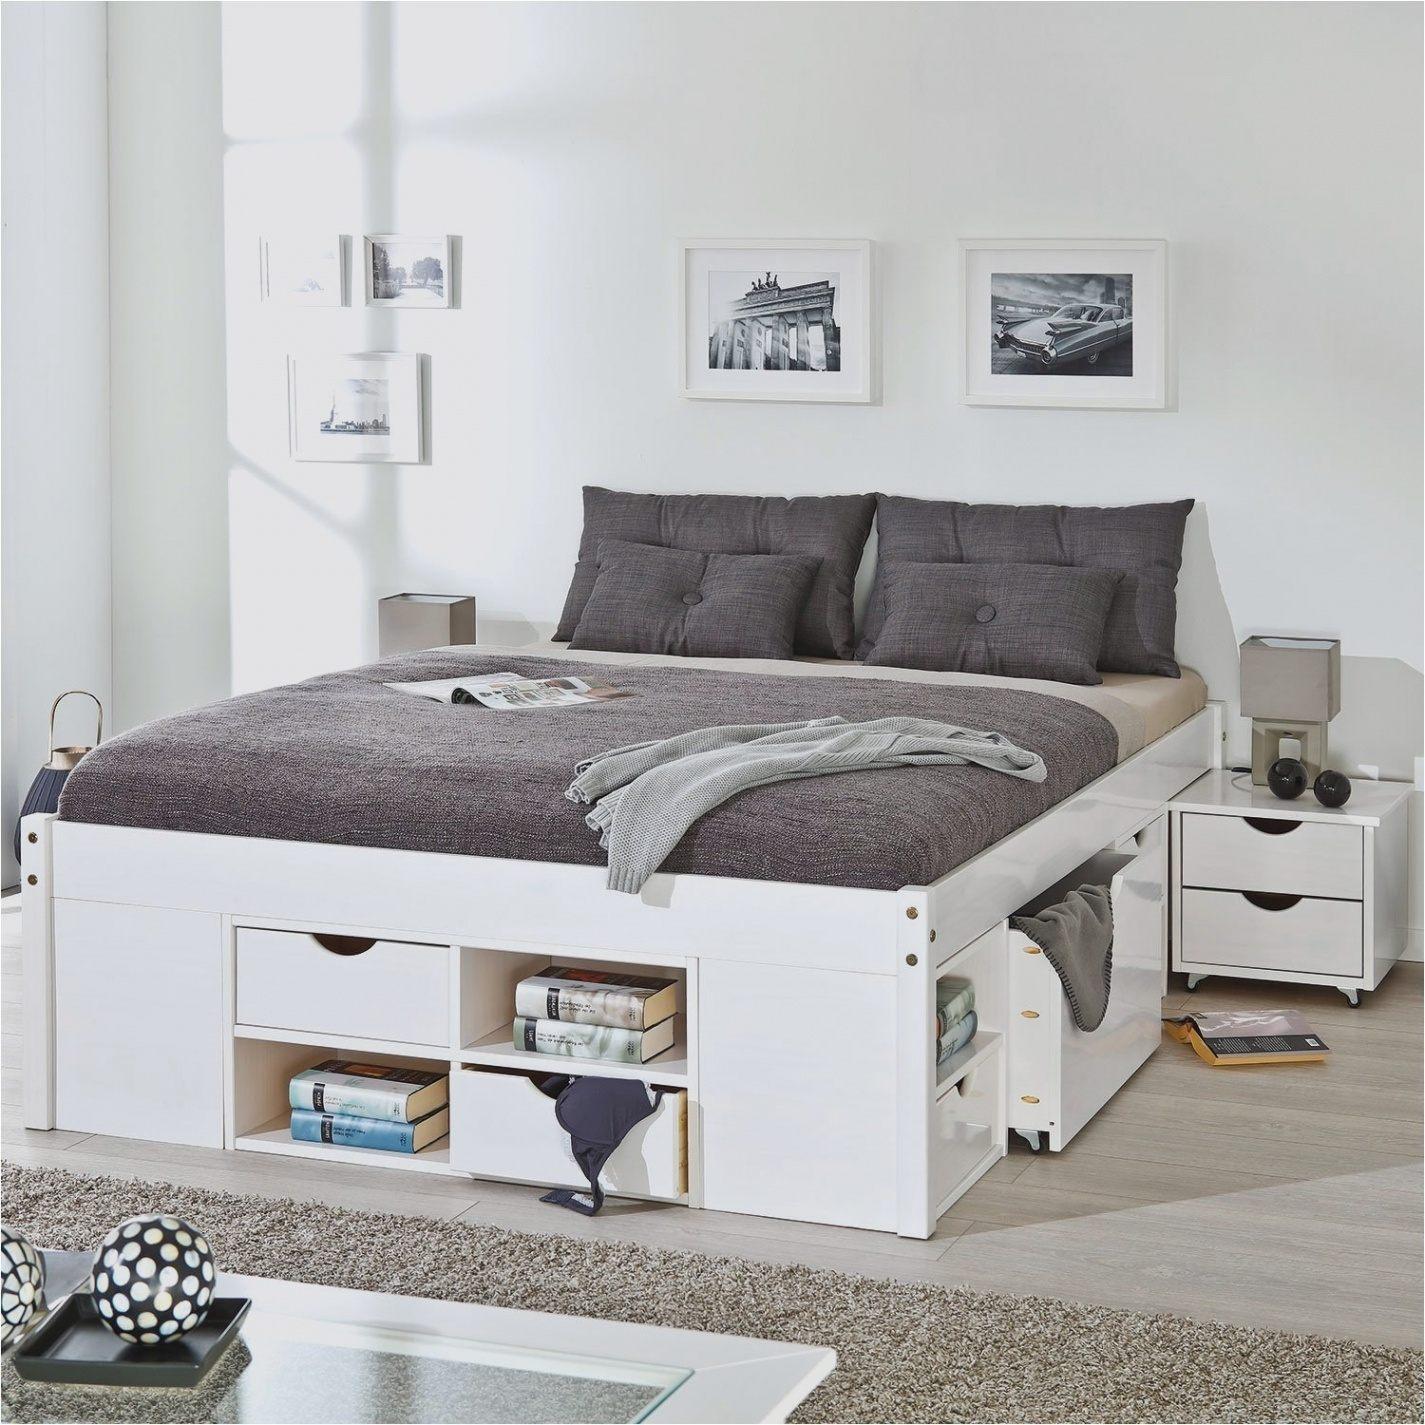 Lit Design 160×200 Agréable Lit Design 160×200 Lit Baldaquin 160×200 En Pin Blanc Cassé Lit De